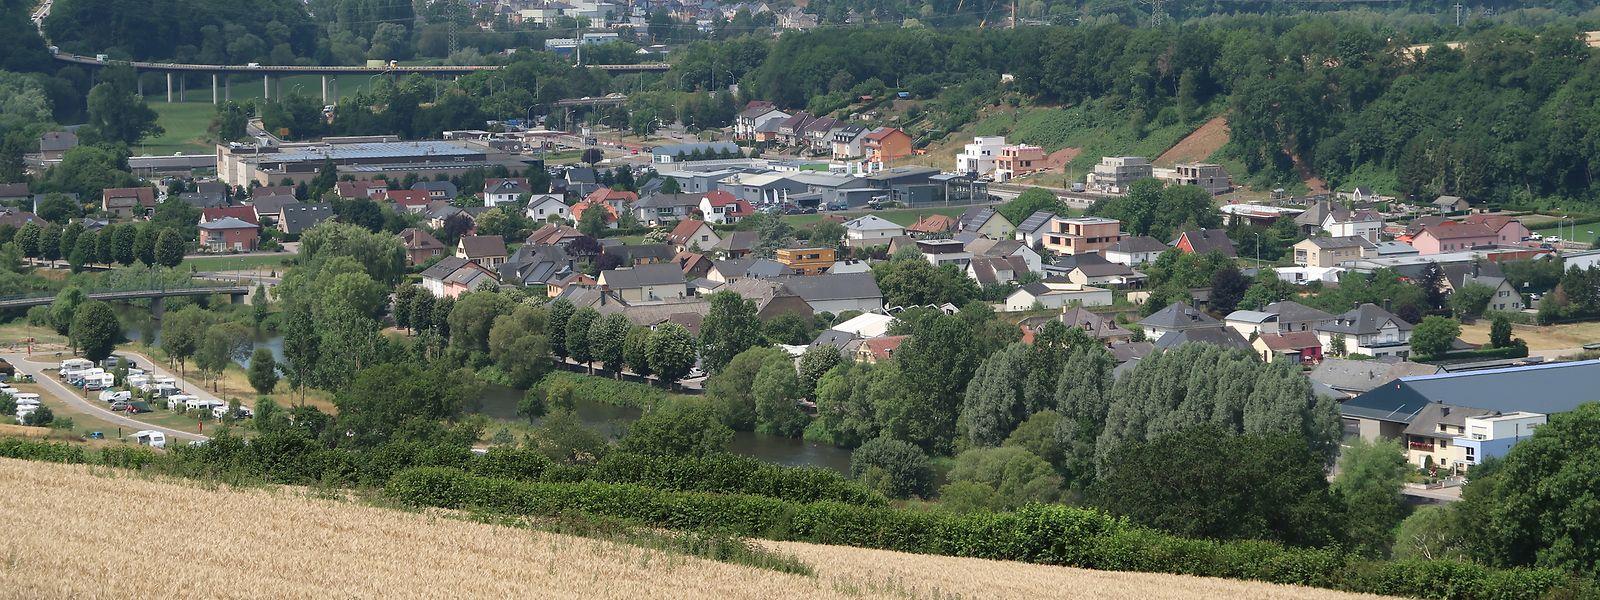 Mit dem Zusammenschluss der Gemeinden Bettendorf, Diekirch, Erpeldingen, Ettelbrück und Schieren zur Nordstad würde die viertgrößte Gemeinde des Landes geschaffen werden.